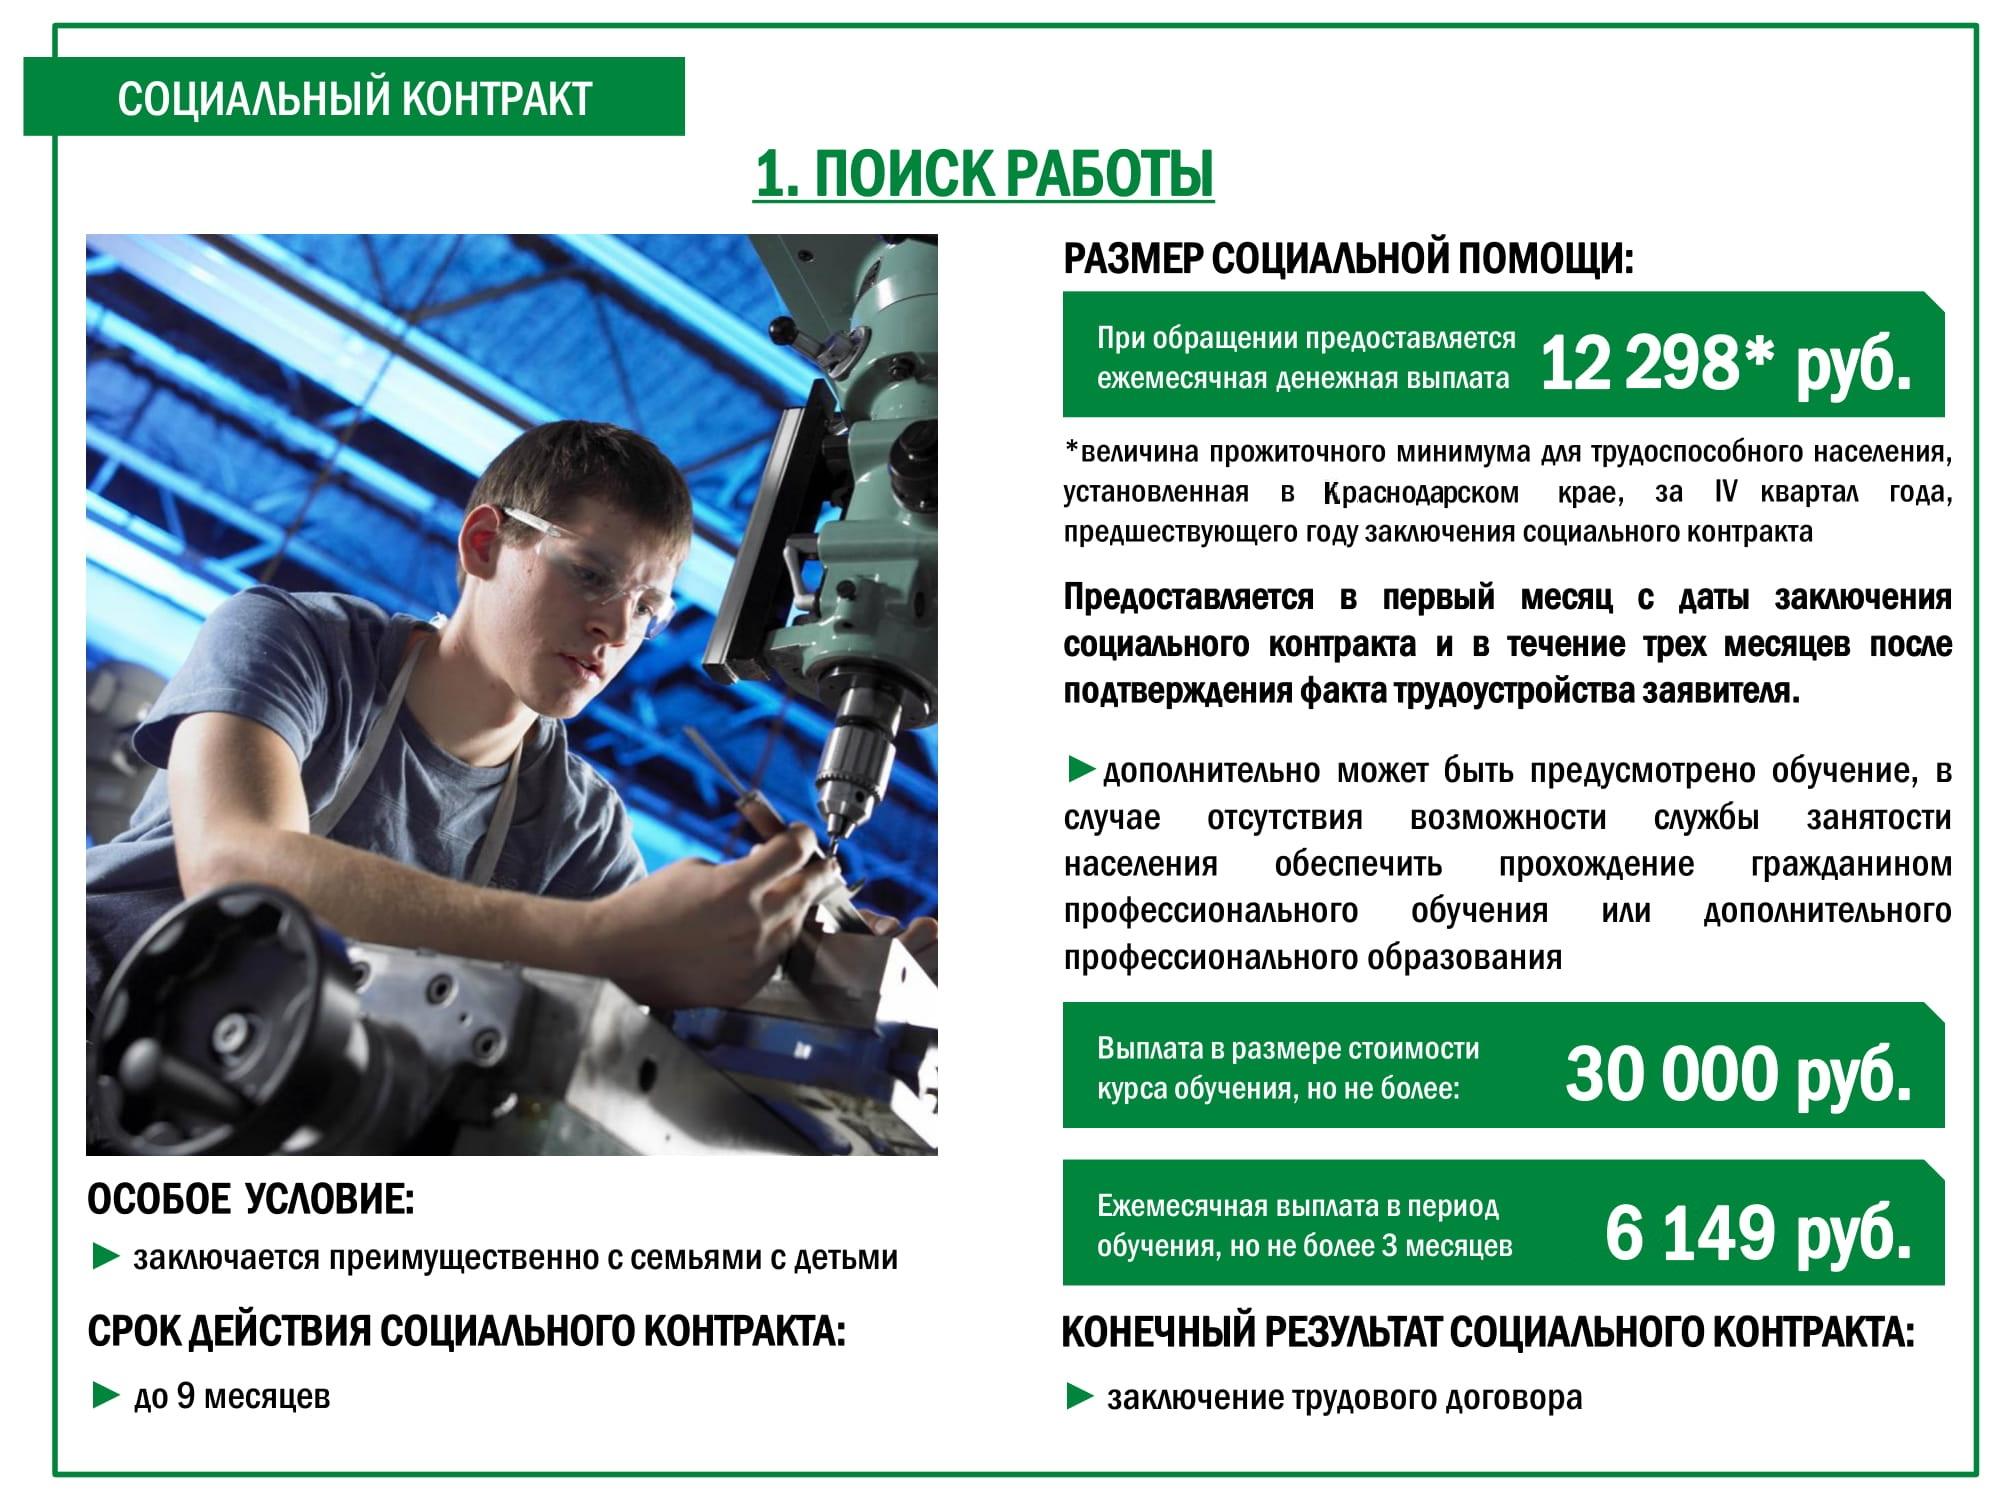 socialnyy_kontrakt_2021_dlya_publikacii-3